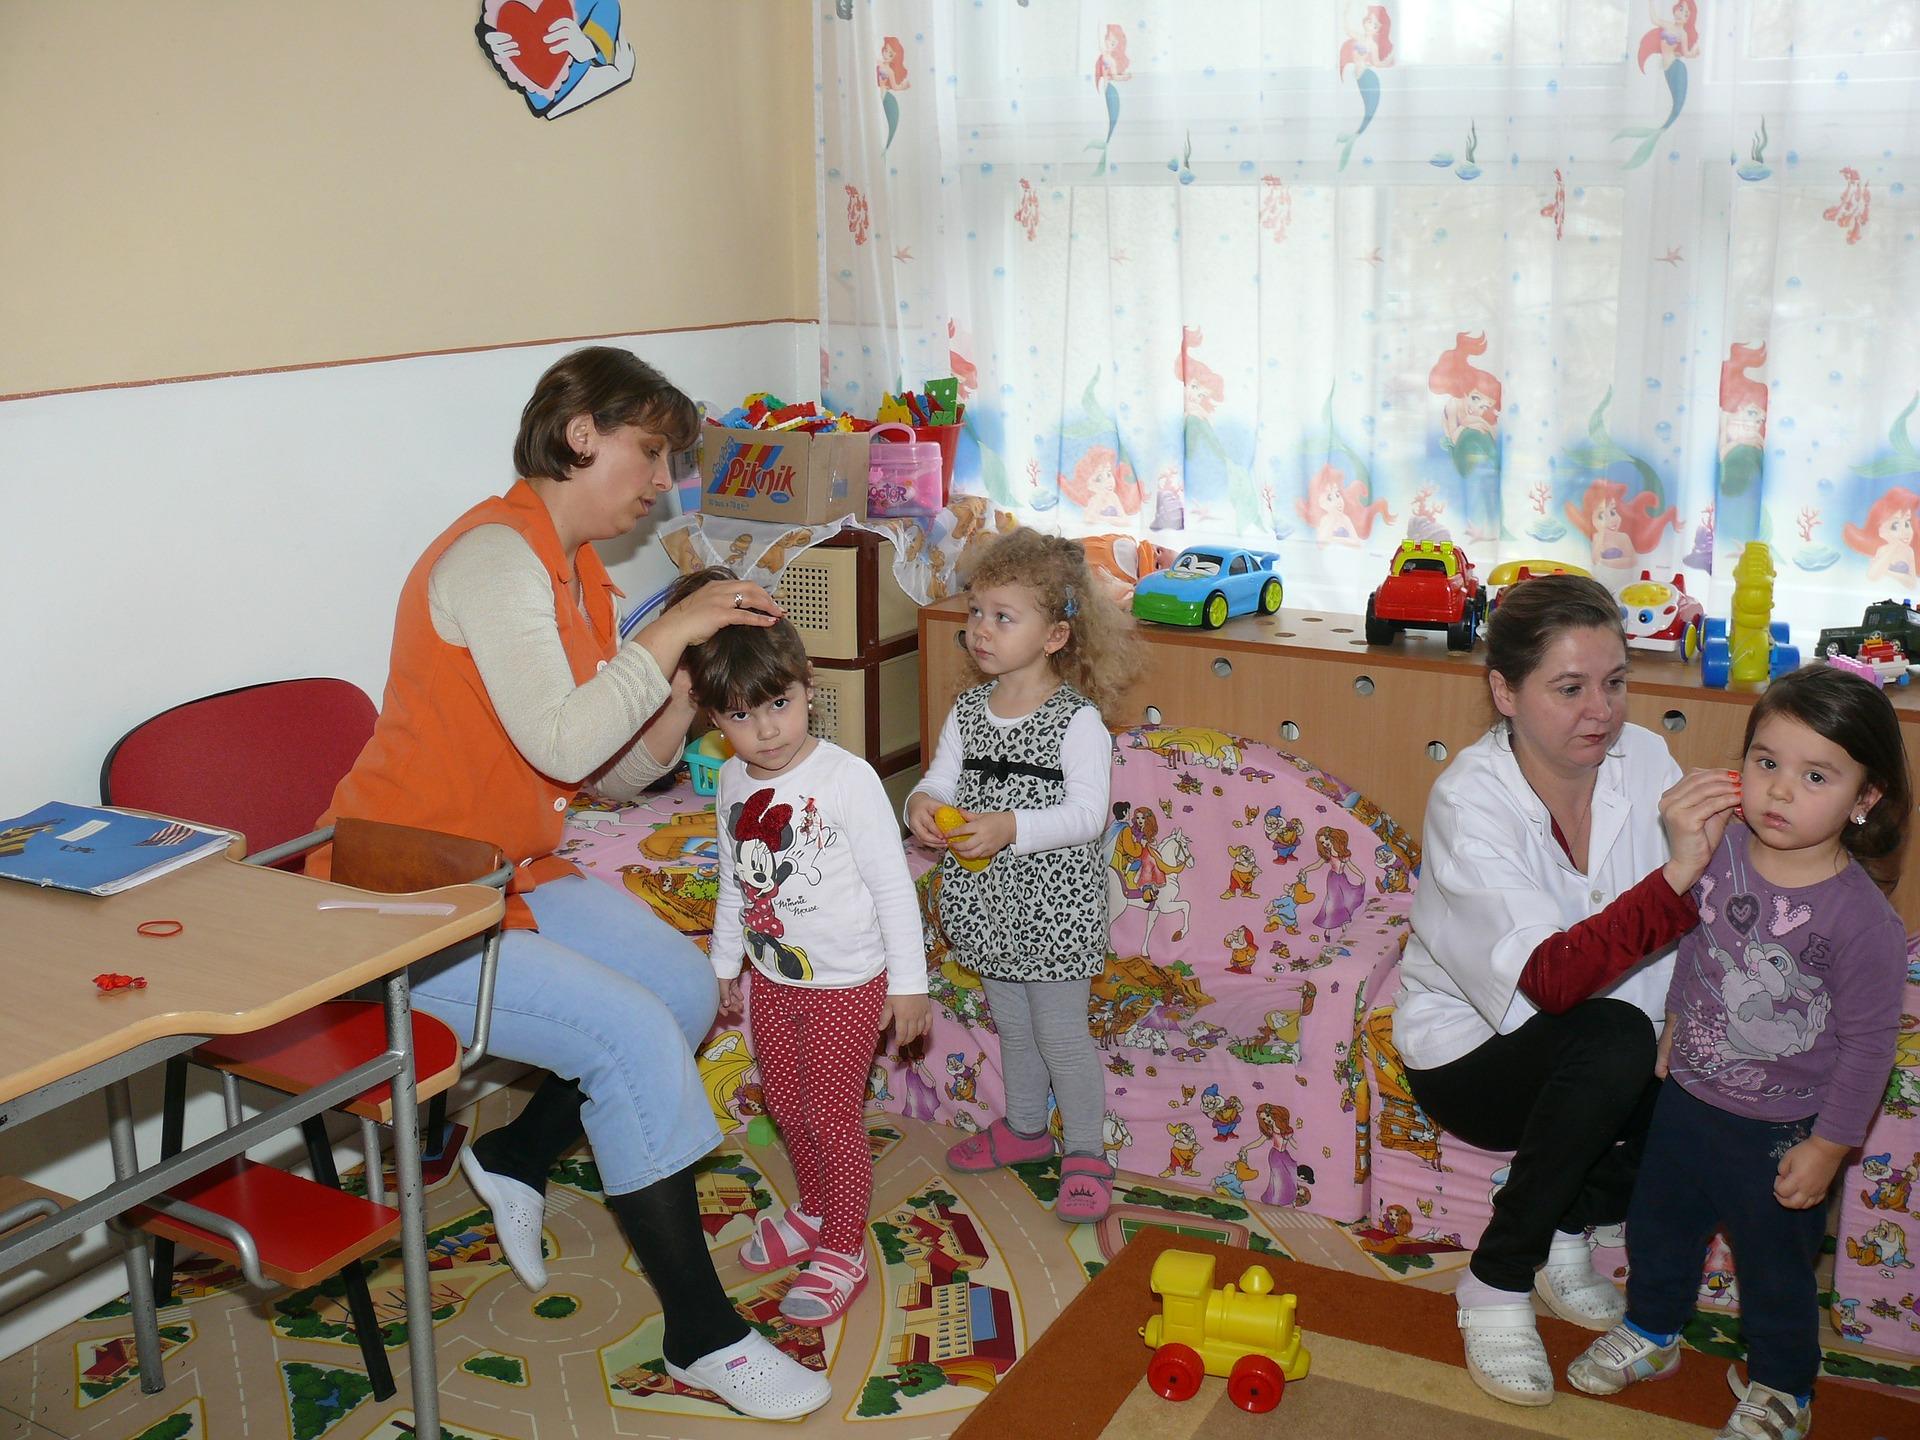 Pracownicy instytucji opieki nad dziećmi do lat 3 zostaną objęci szczepieniami w pierwszym etapie - Zdjęcie główne